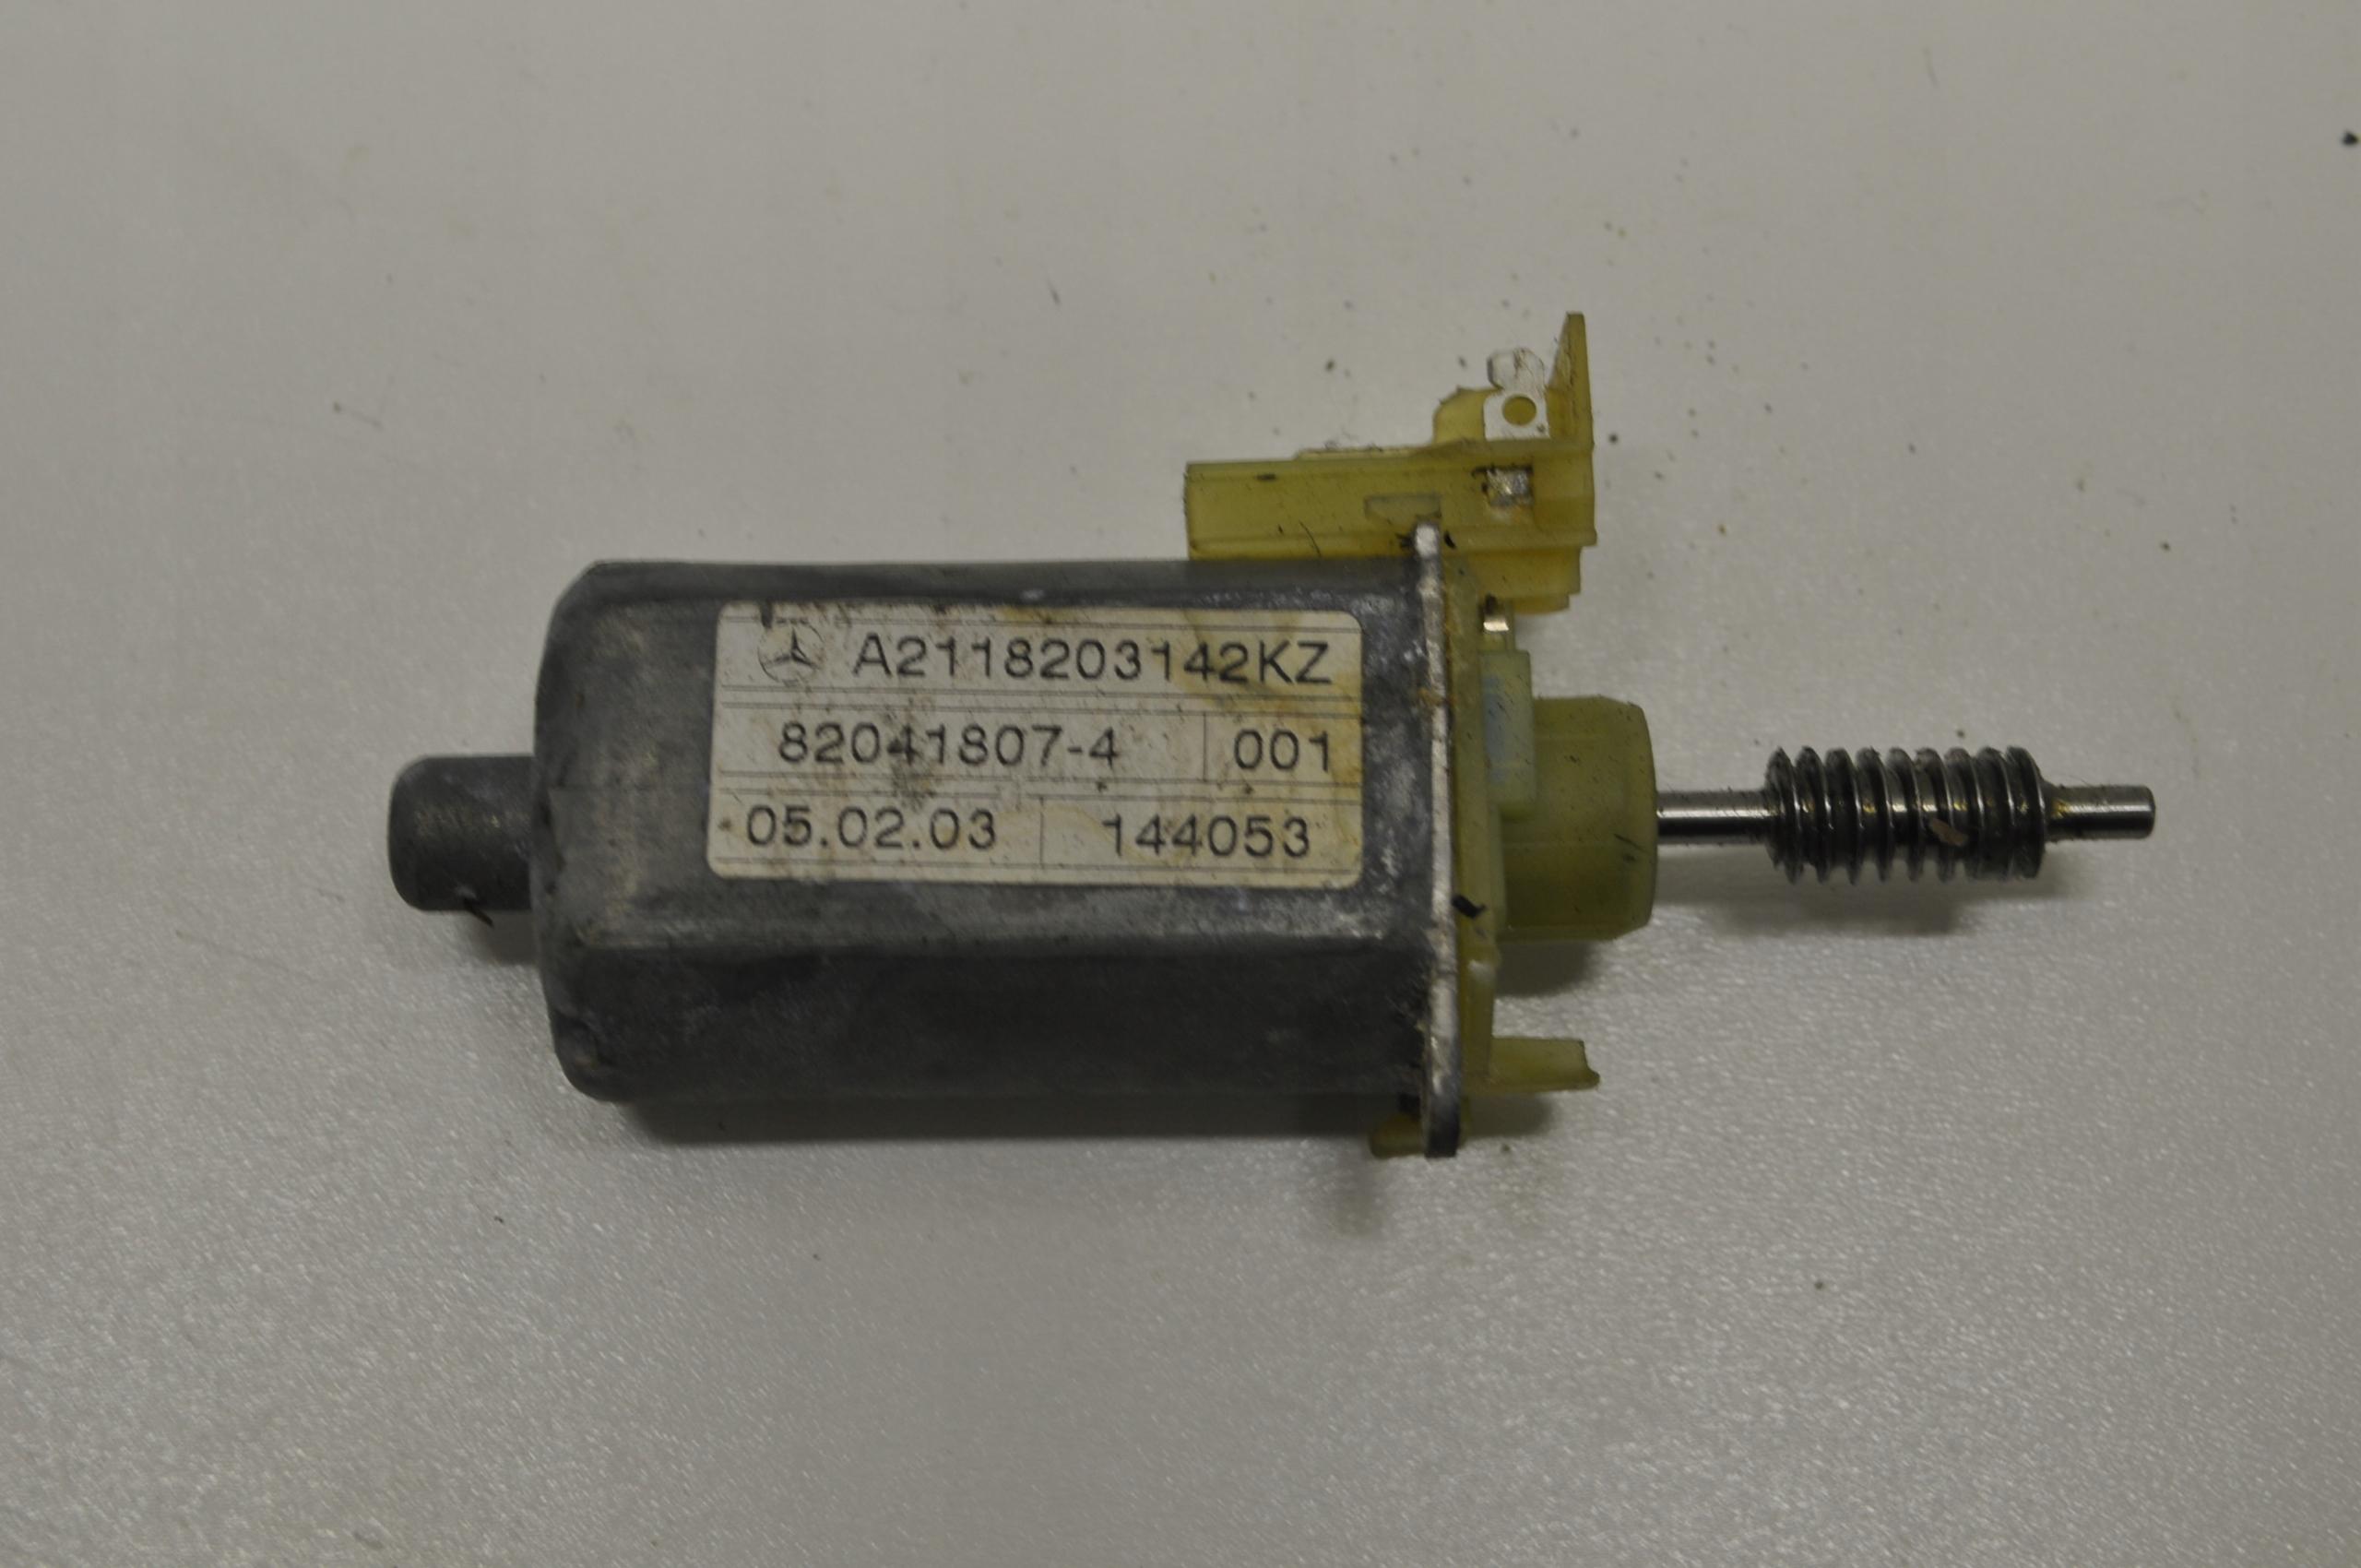 двигатель регулирования кресла bosch a2118203142